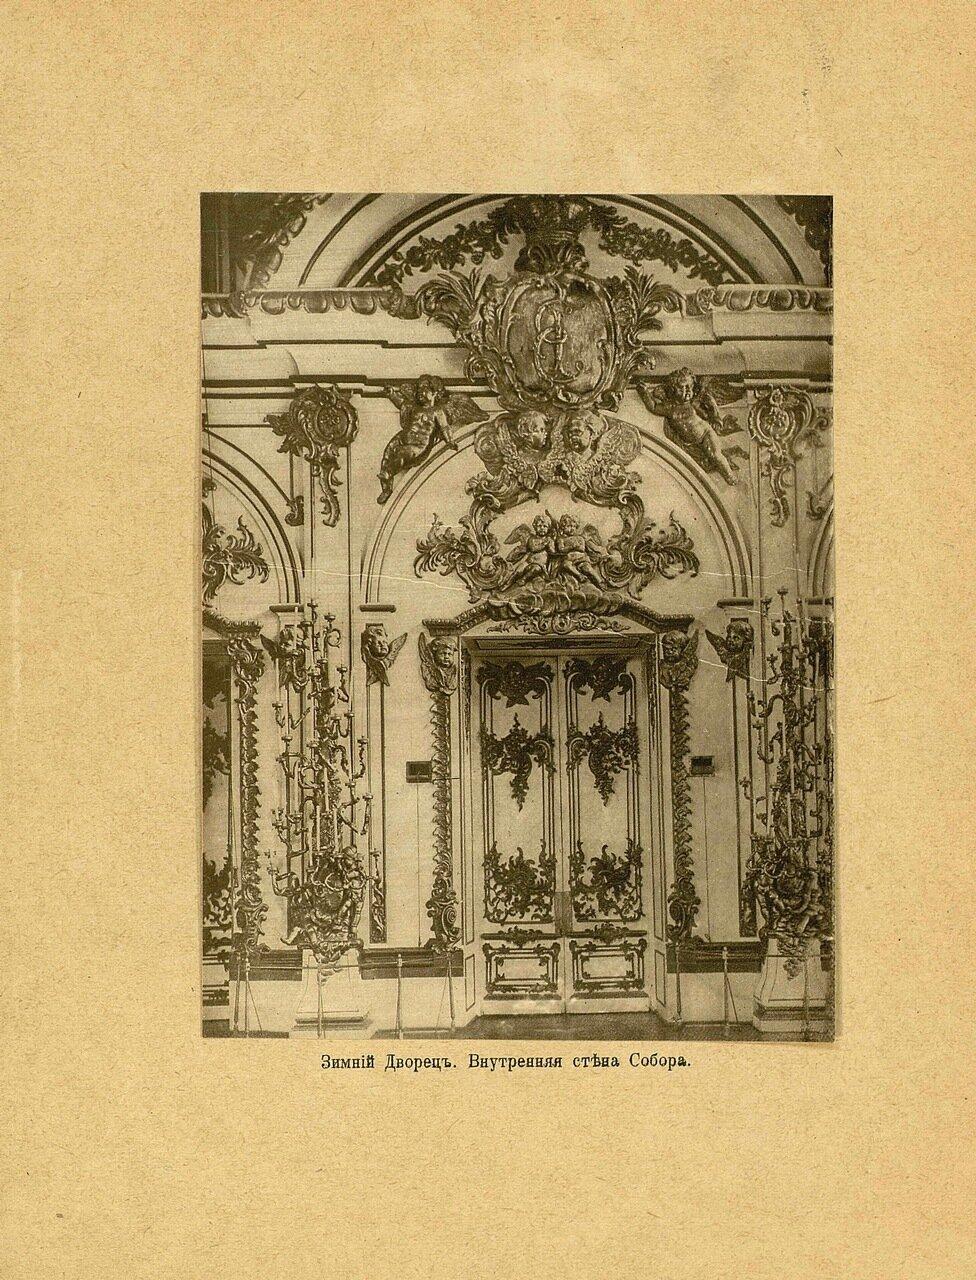 Внутренняя стена собора